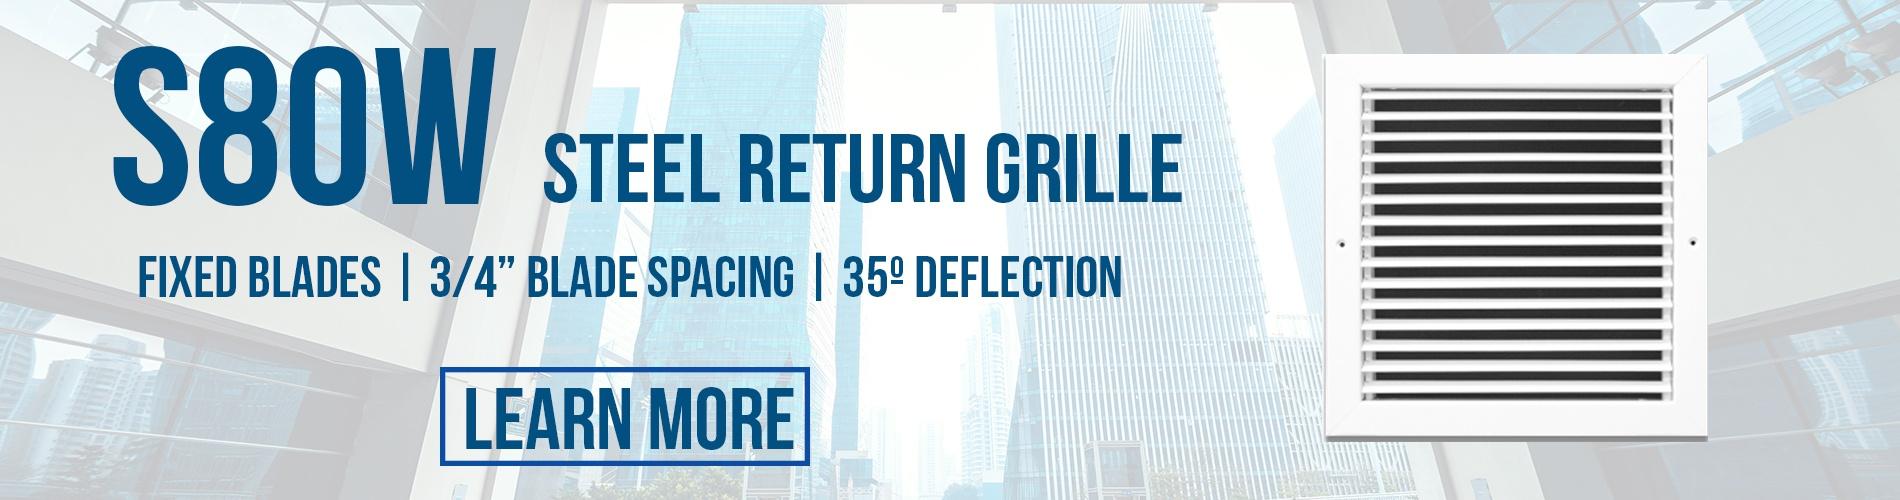 S80W Steel Return Grille